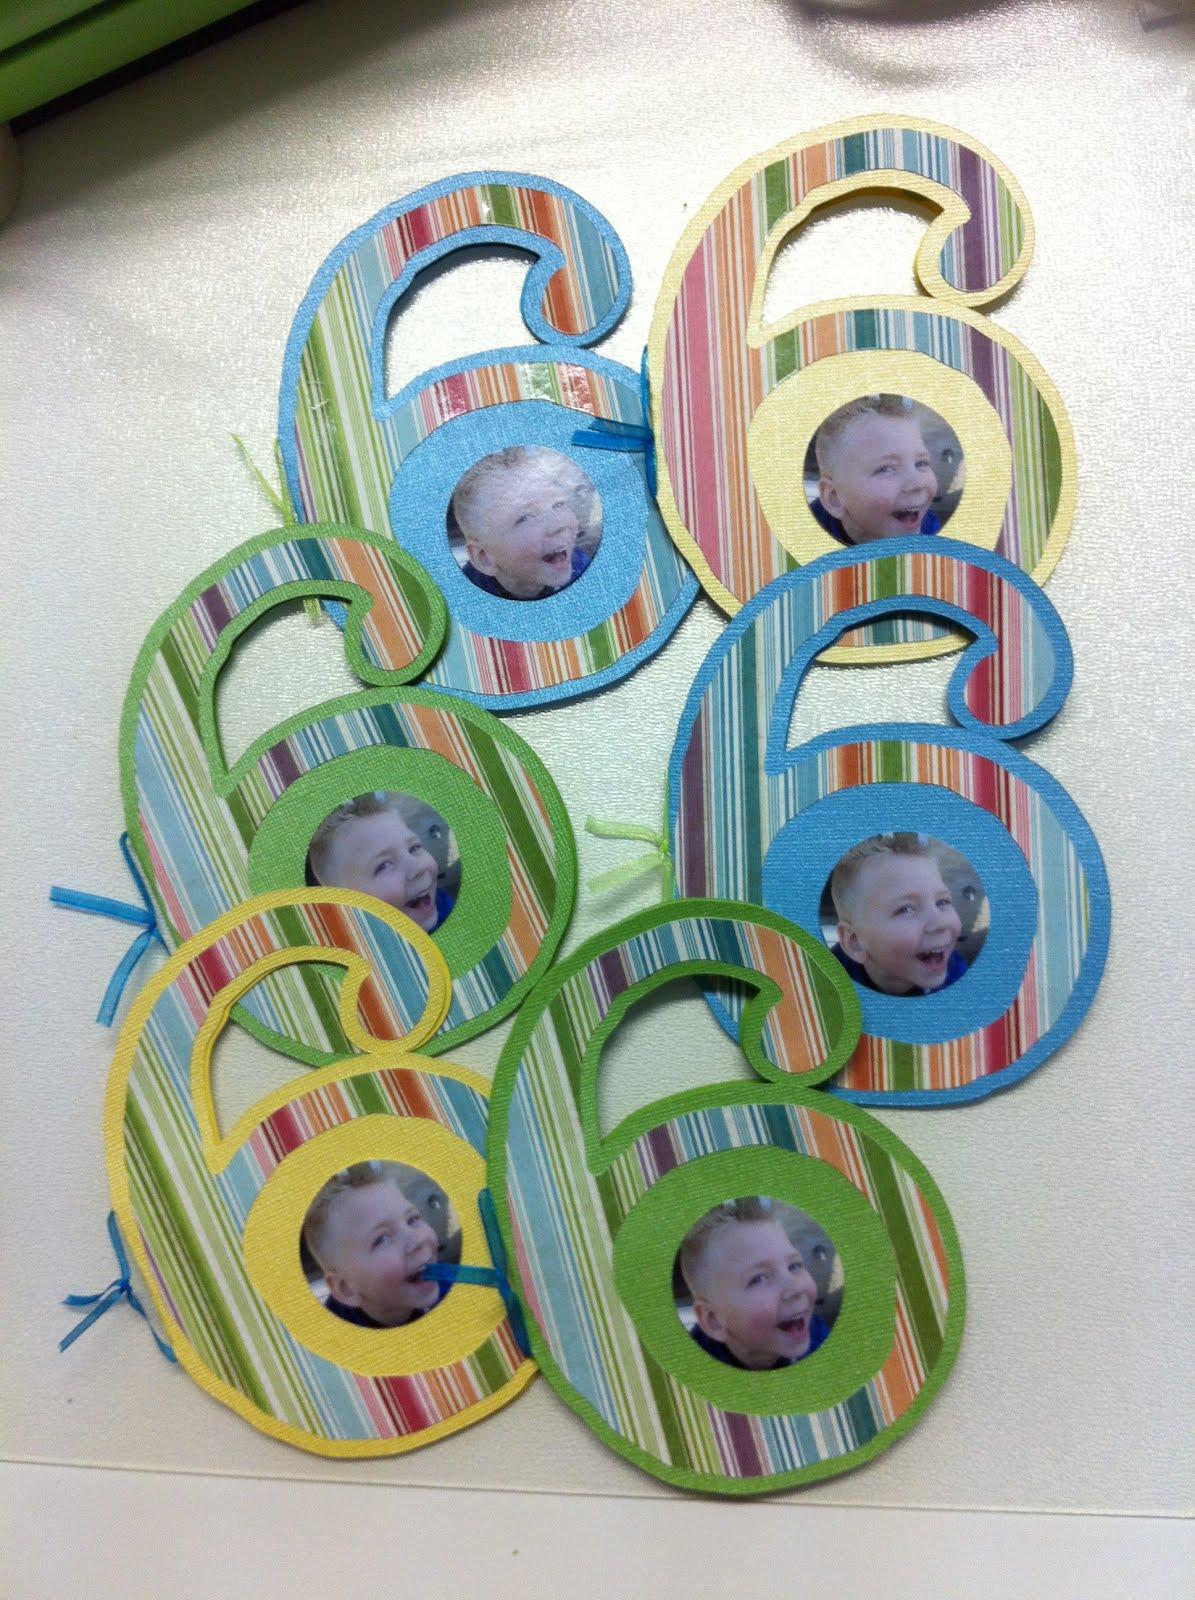 Uitzonderlijk Genoeg Uitnodiging Kinderfeestje Zelf Maken LV95   Belbin.Info @ZO78